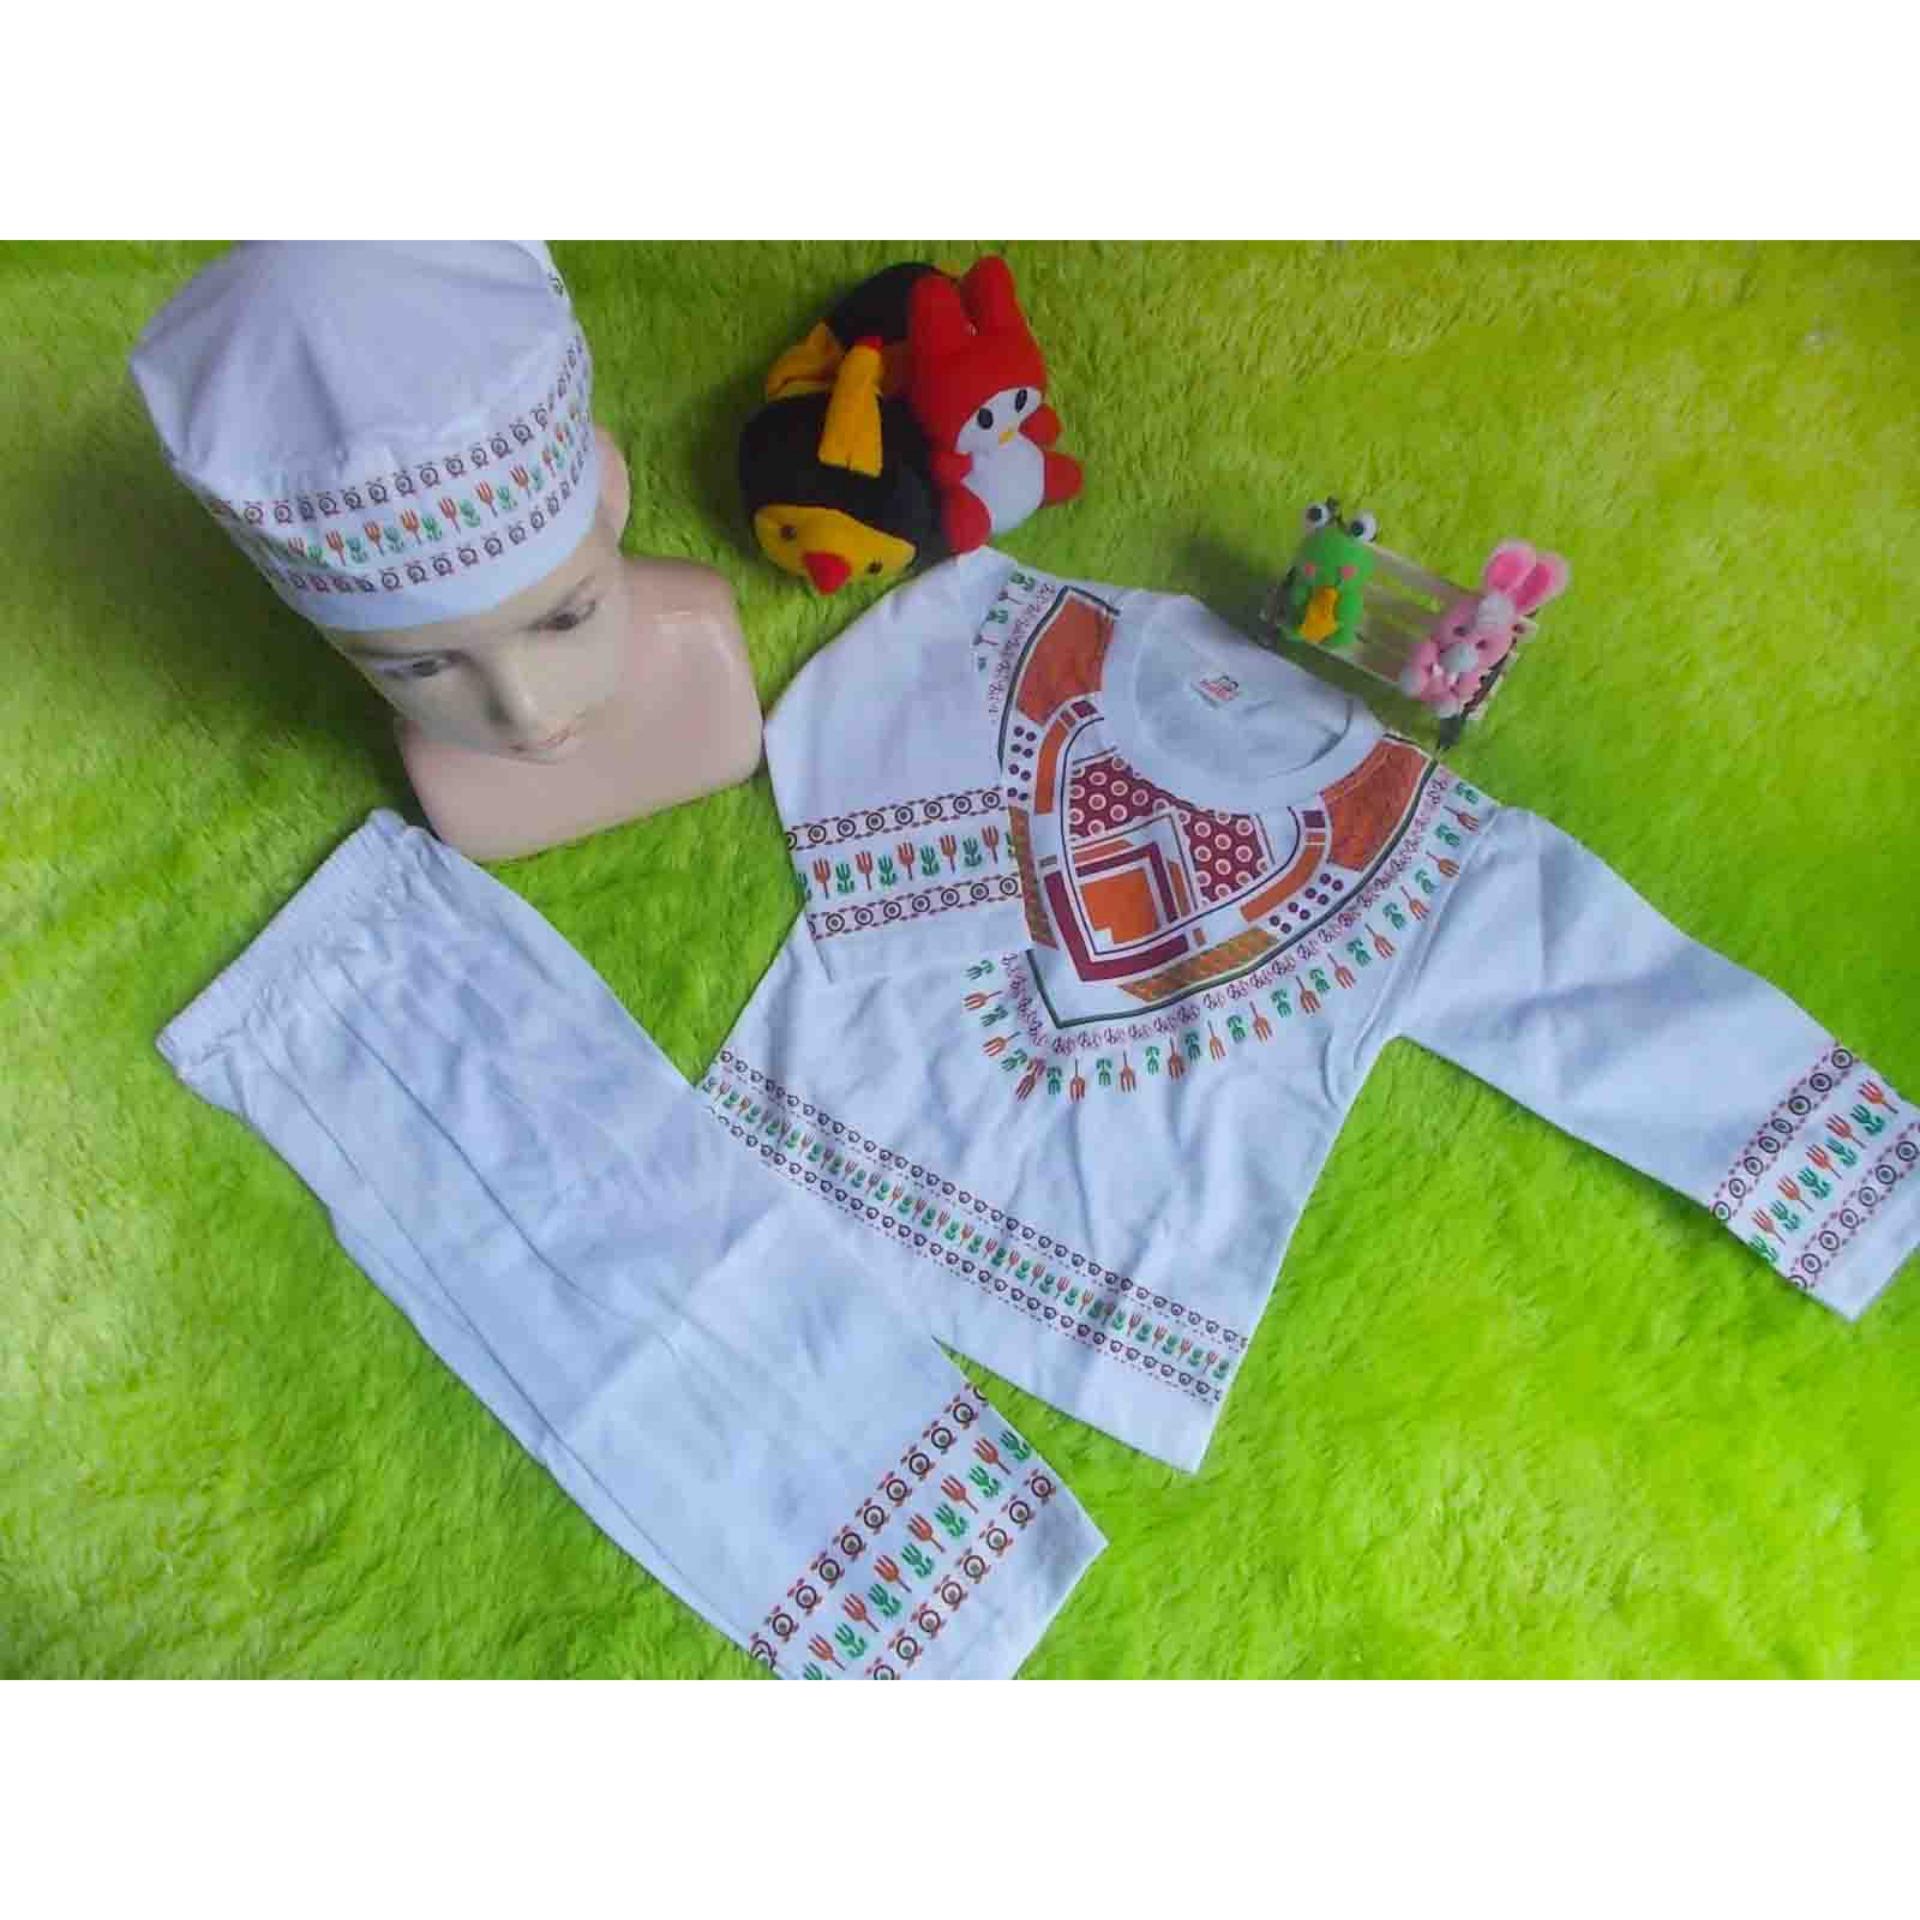 motif sablon random kembarshop - Setelan Baju Koko Bayi 0-12 Bulan Lembut Putih Sablon Plus Peci Sablon